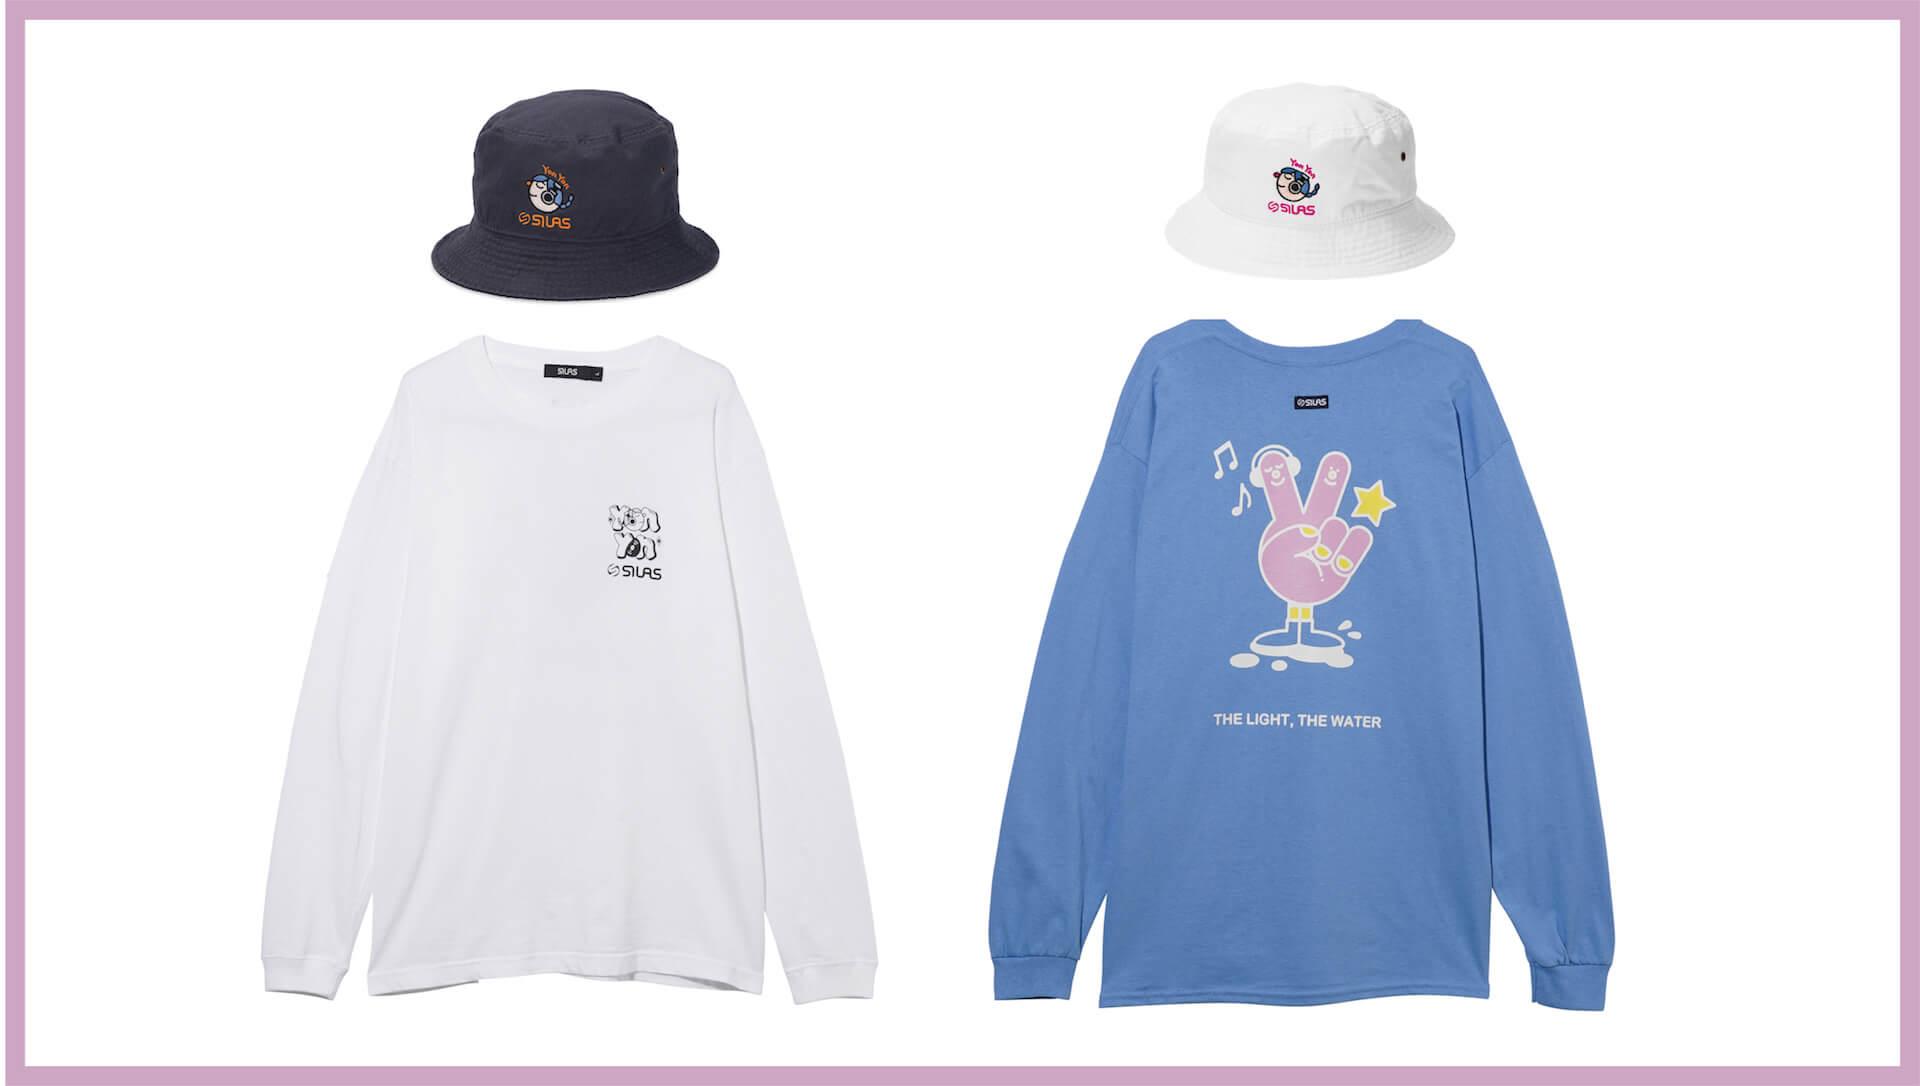 YonYonが自身初のオフィシャルグッズを発表!SILASとのコラボLSTシャツ&バゲットハットが予約販売開始 life210219_yonyon_2